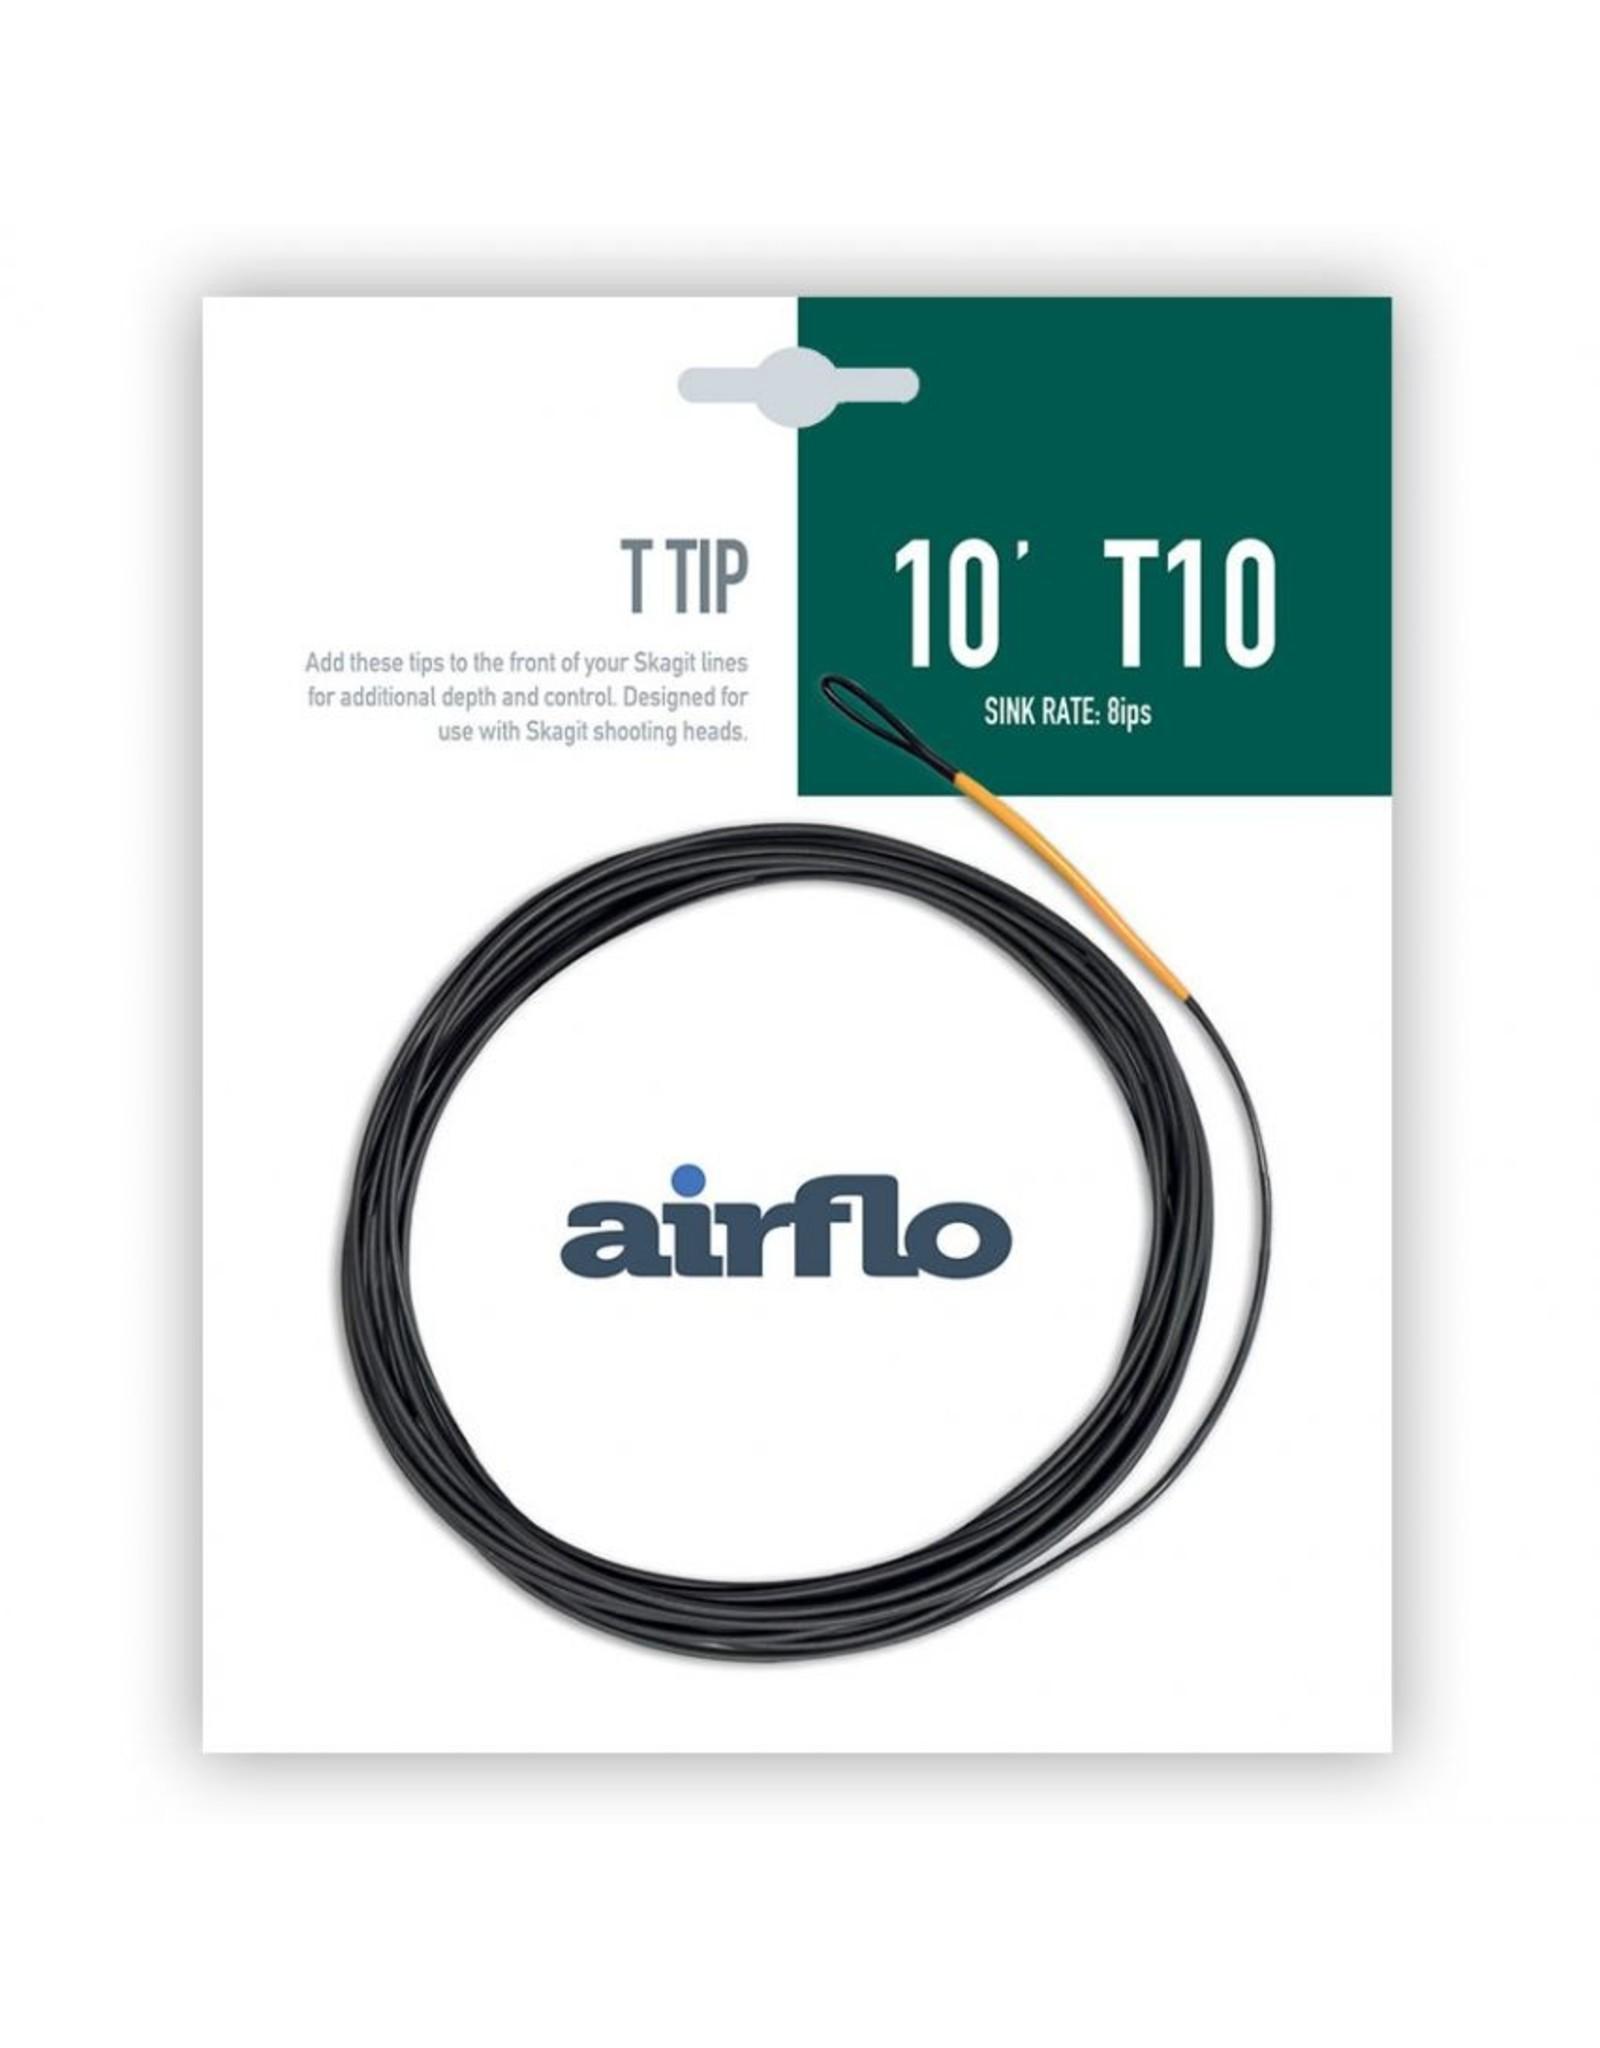 Airflo Airflo Skagit T Tip - T10 - 10'